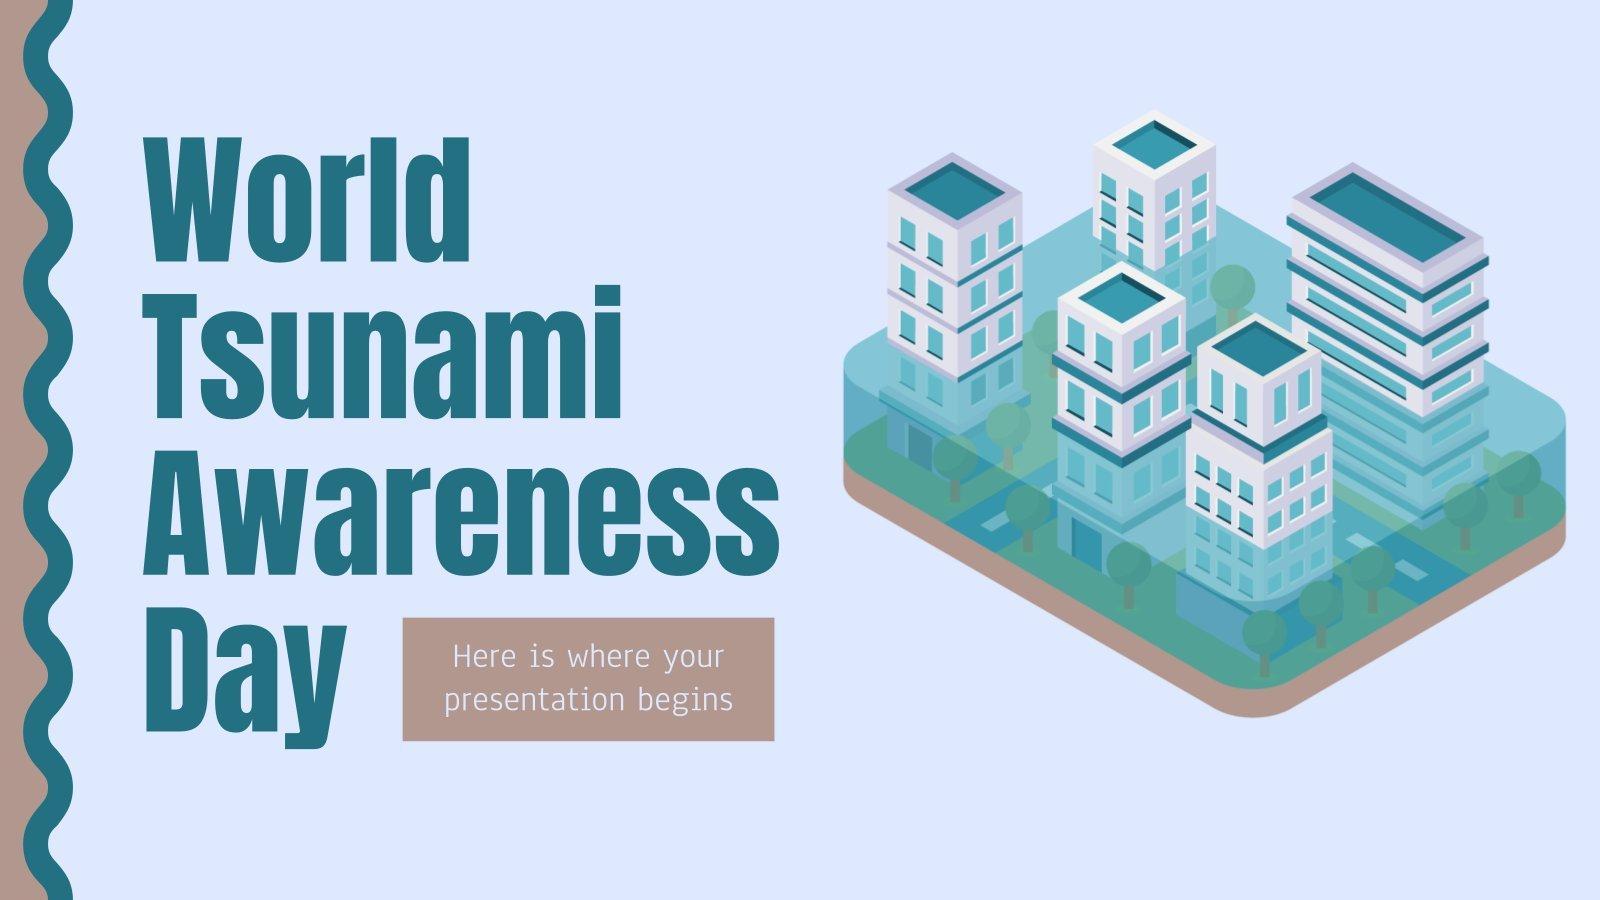 Modelo de apresentação Dia Mundial de Conscientização sobre Tsunamis